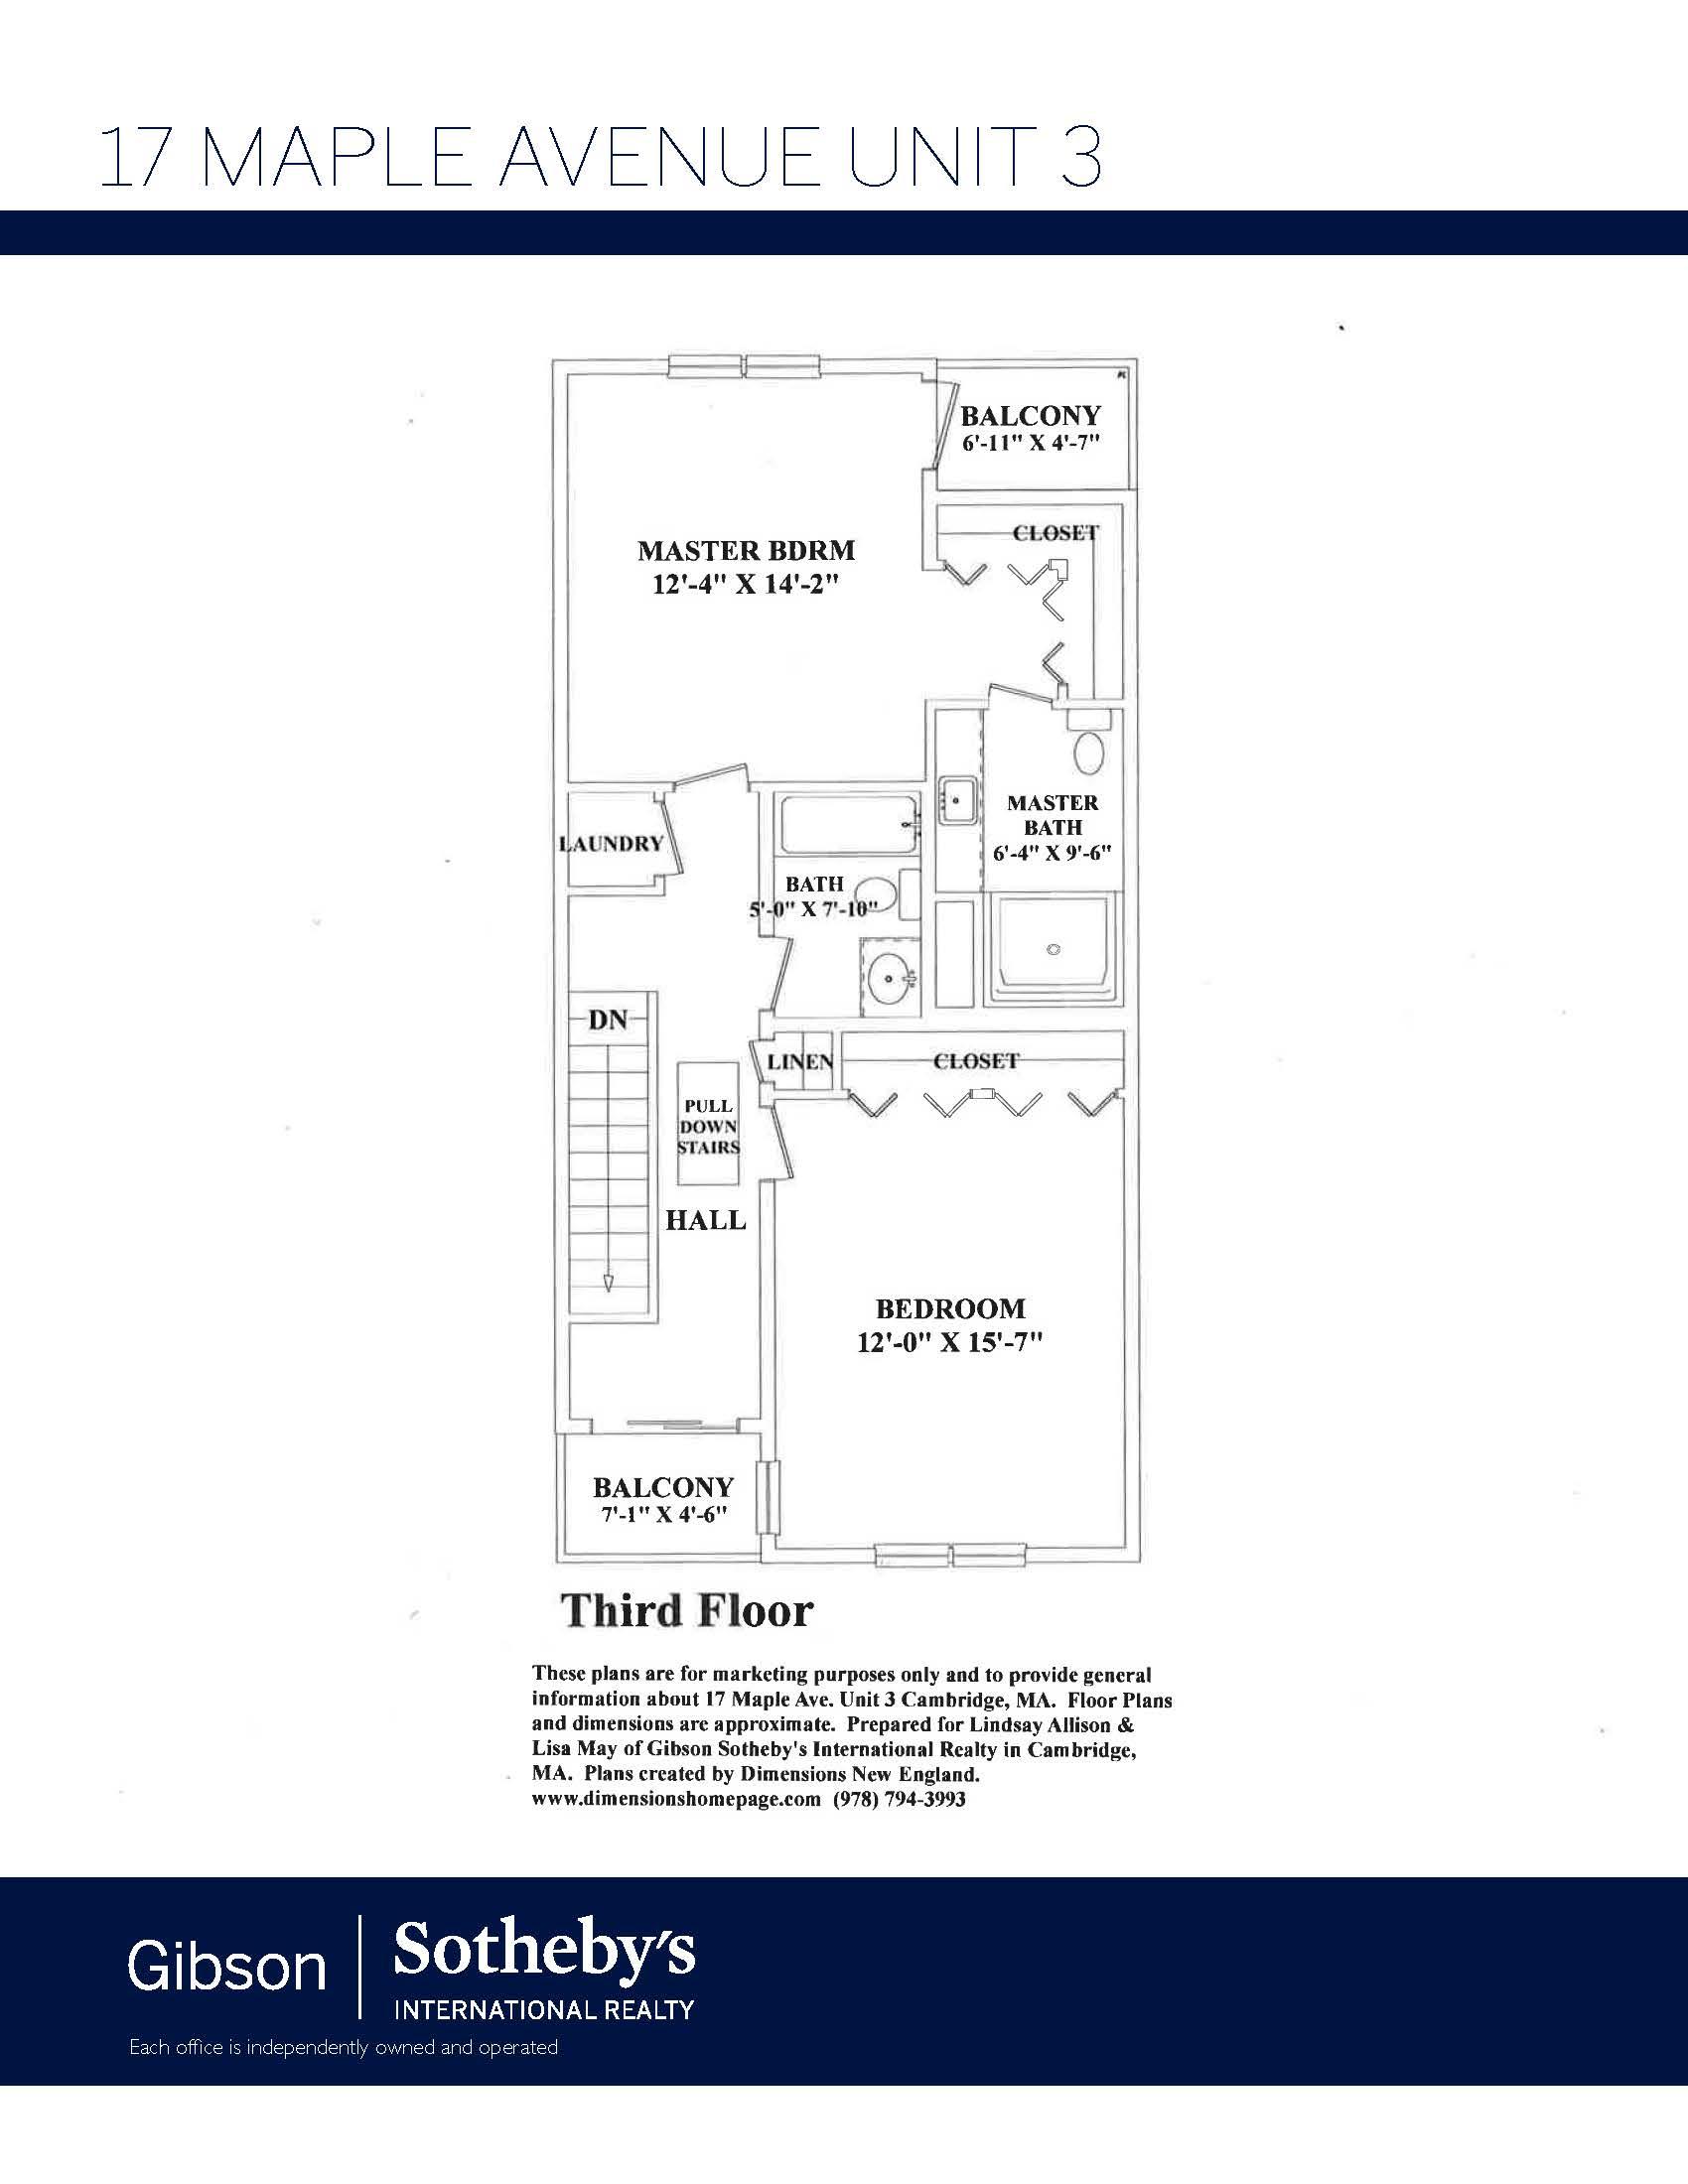 17 Maple Ave U3 Floor Plans Branded_Page_2.jpg